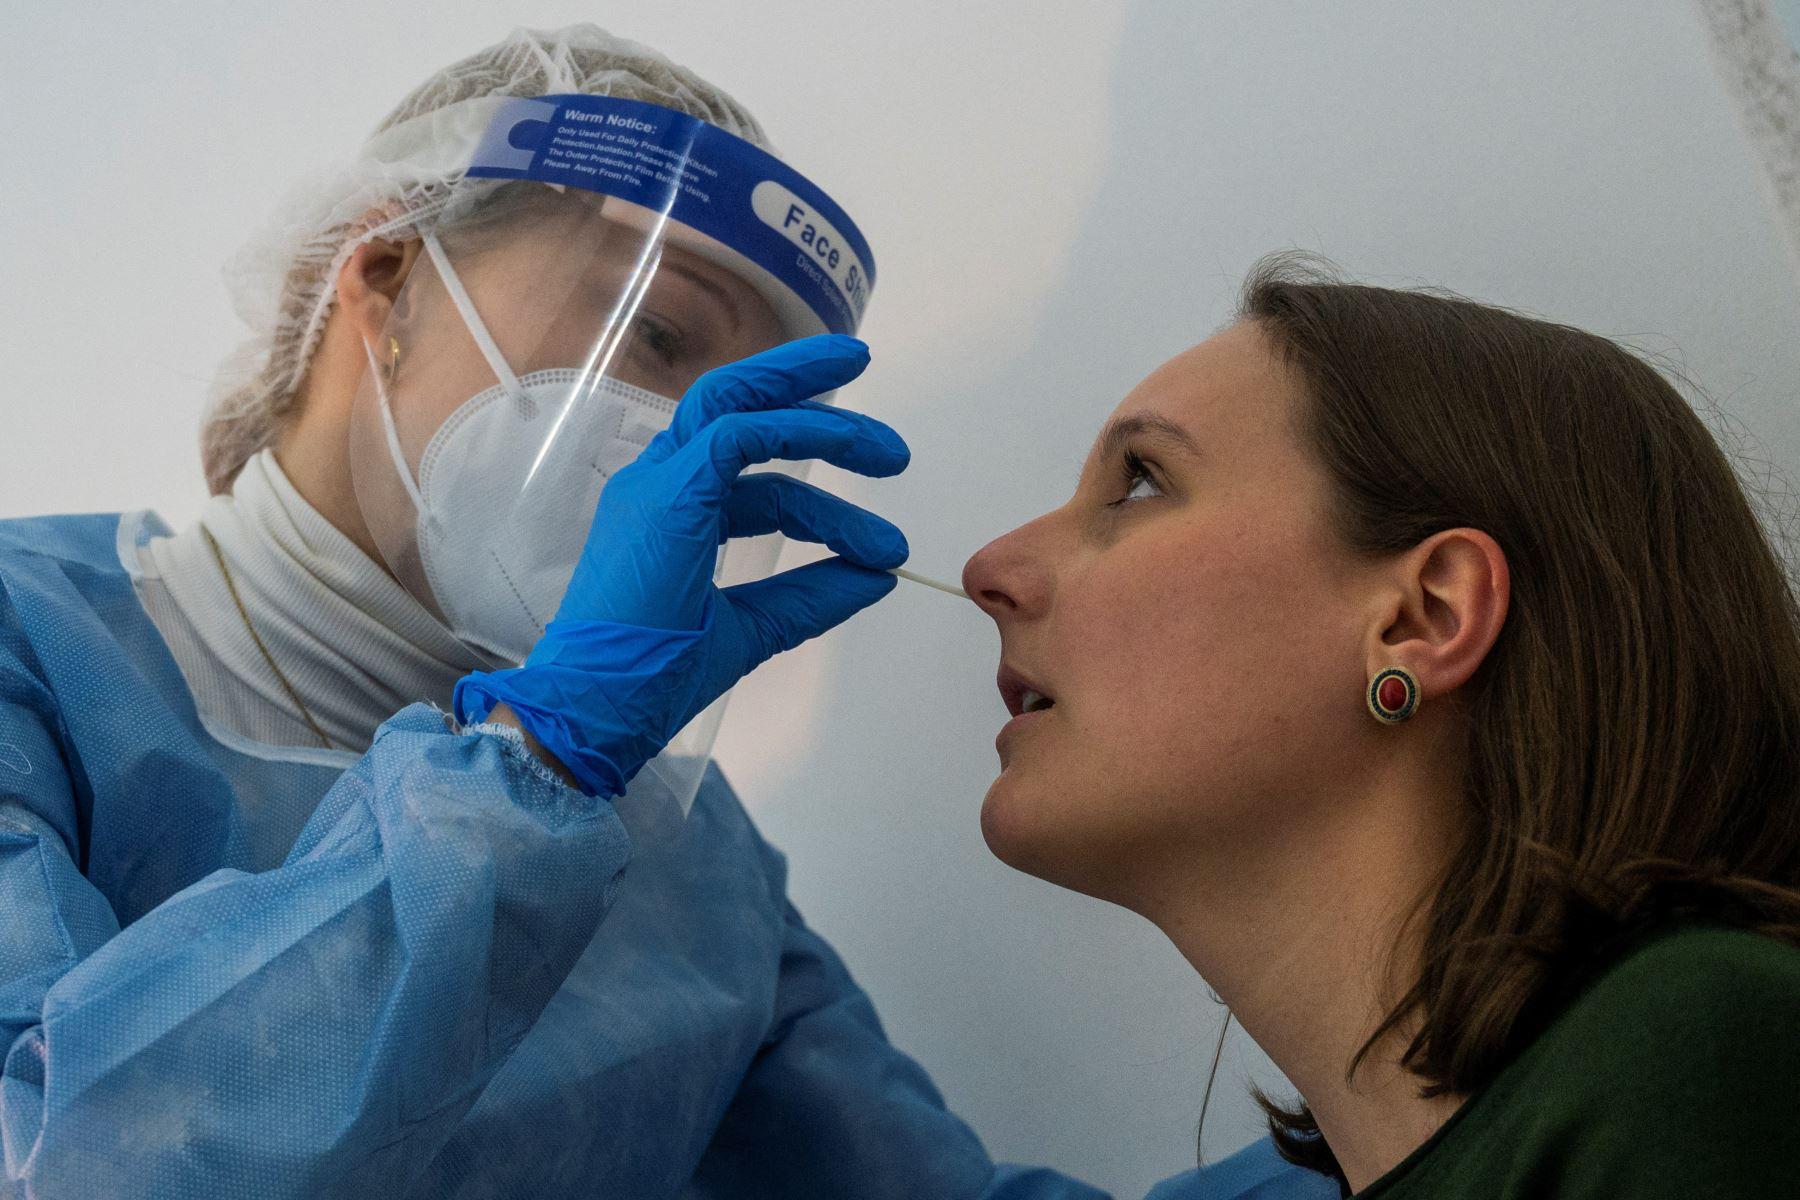 Un profesional de la salud toma una muestra de un paciente con un hisopo para una prueba rápida de antígeno Covid-19 en un centro especializado de Berlín el 17 de febrero de 2021. Foto: AFP